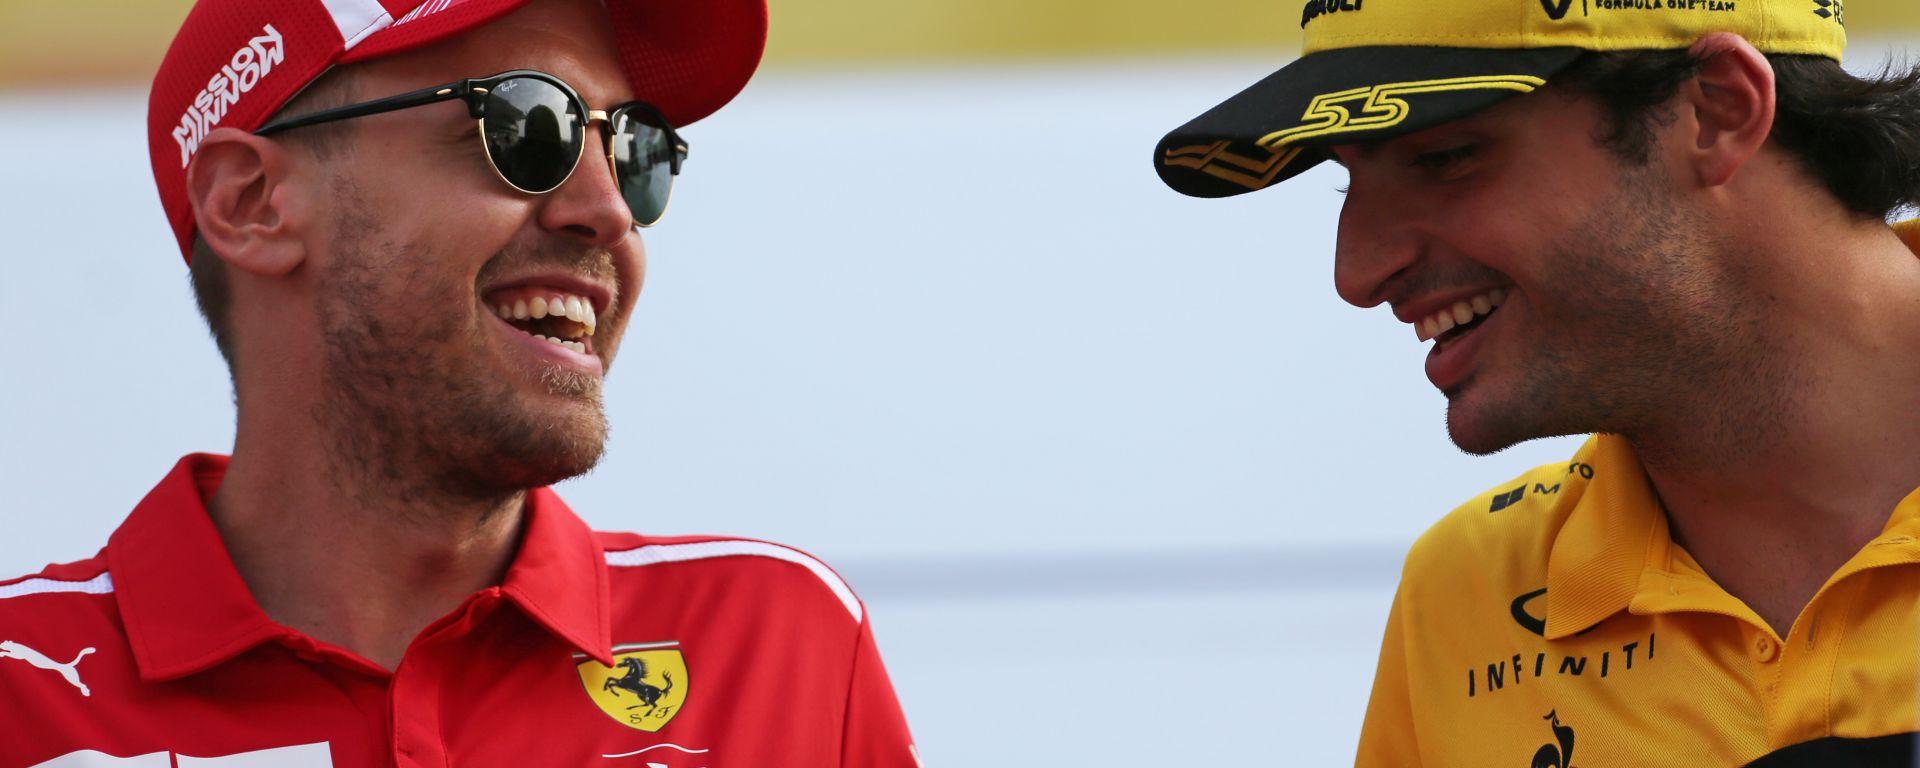 F1, presente e futuro della Ferrari: Sebastian Vettel e Carlos Sainz